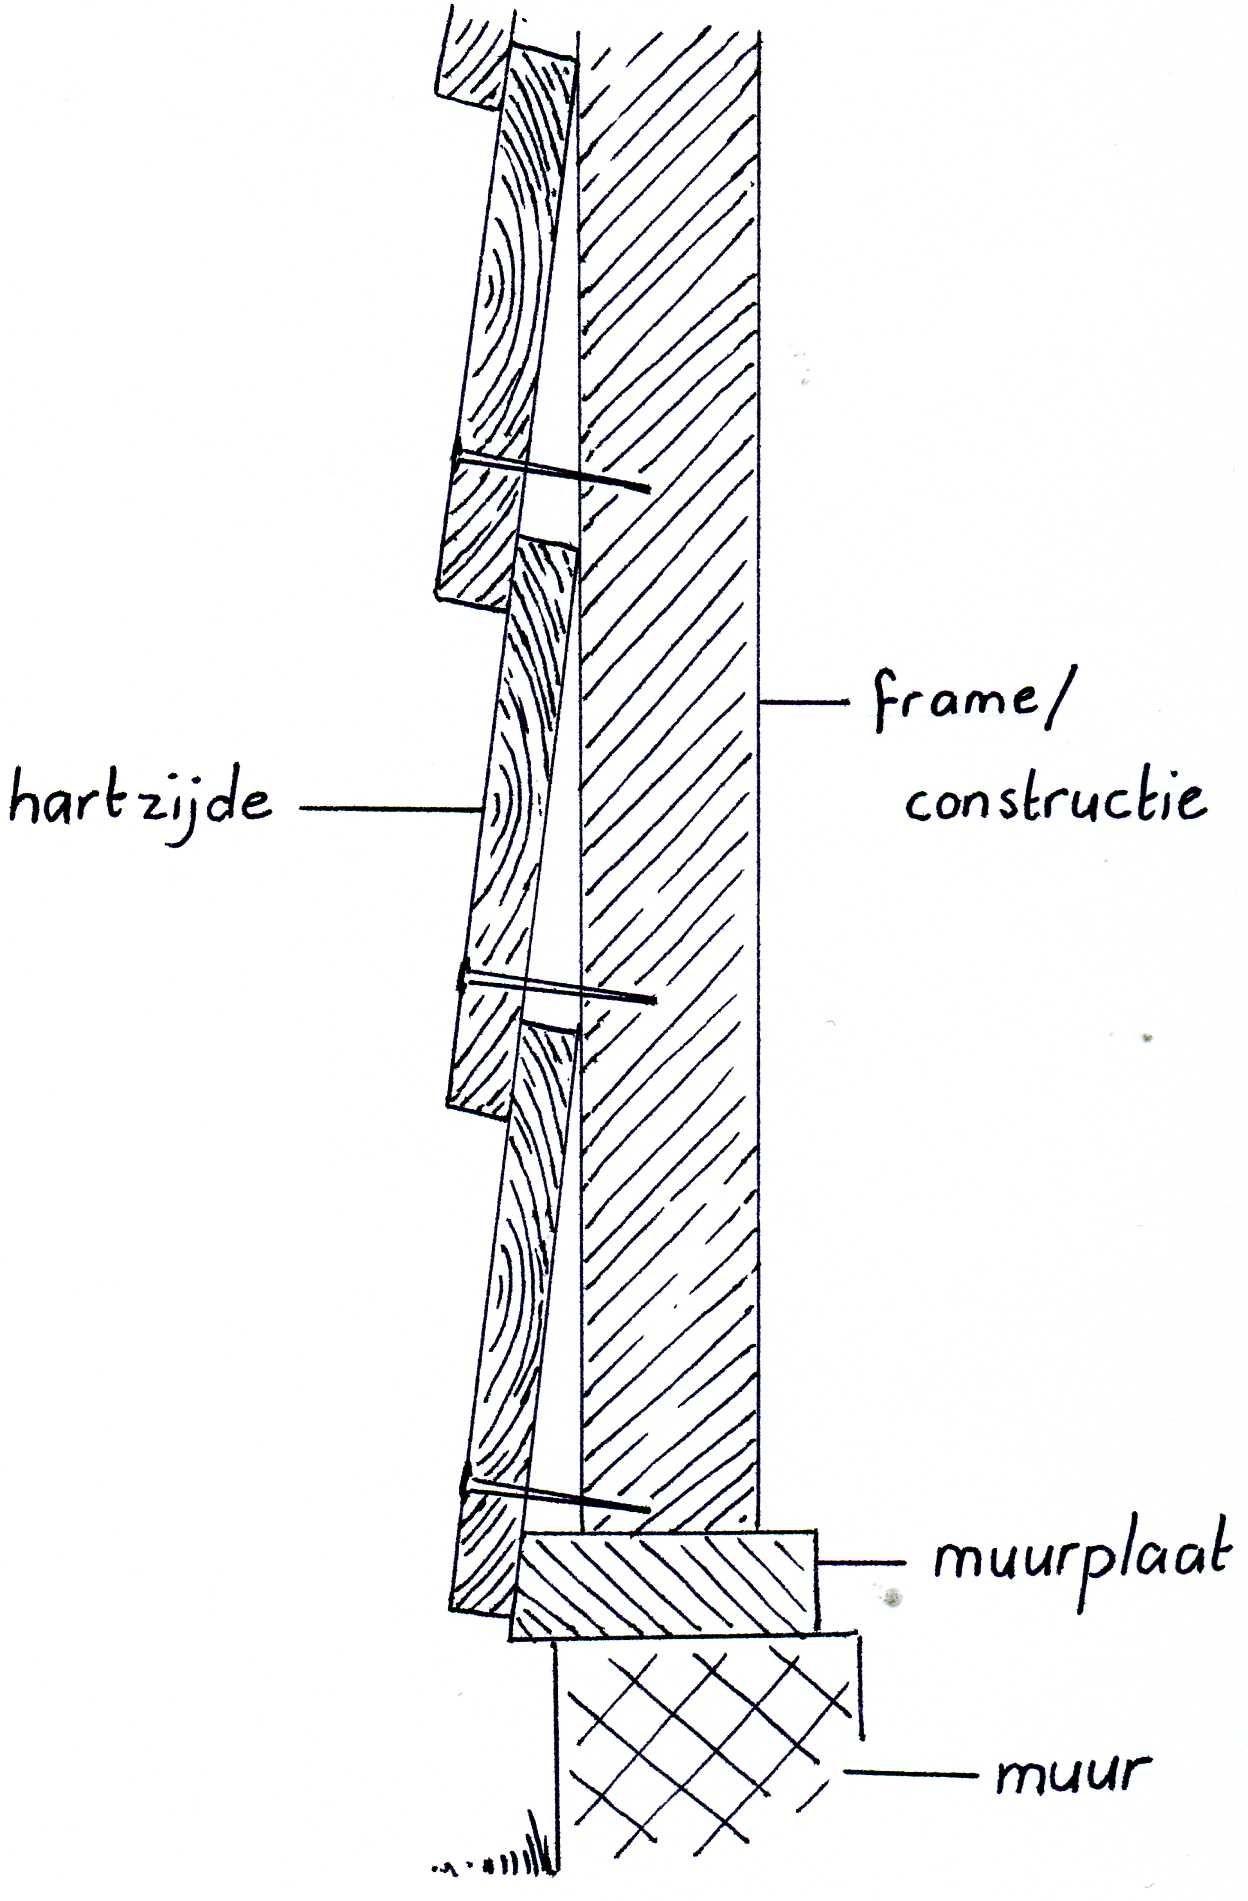 Doorsnede gepotdekselde schuur - detail tekening.